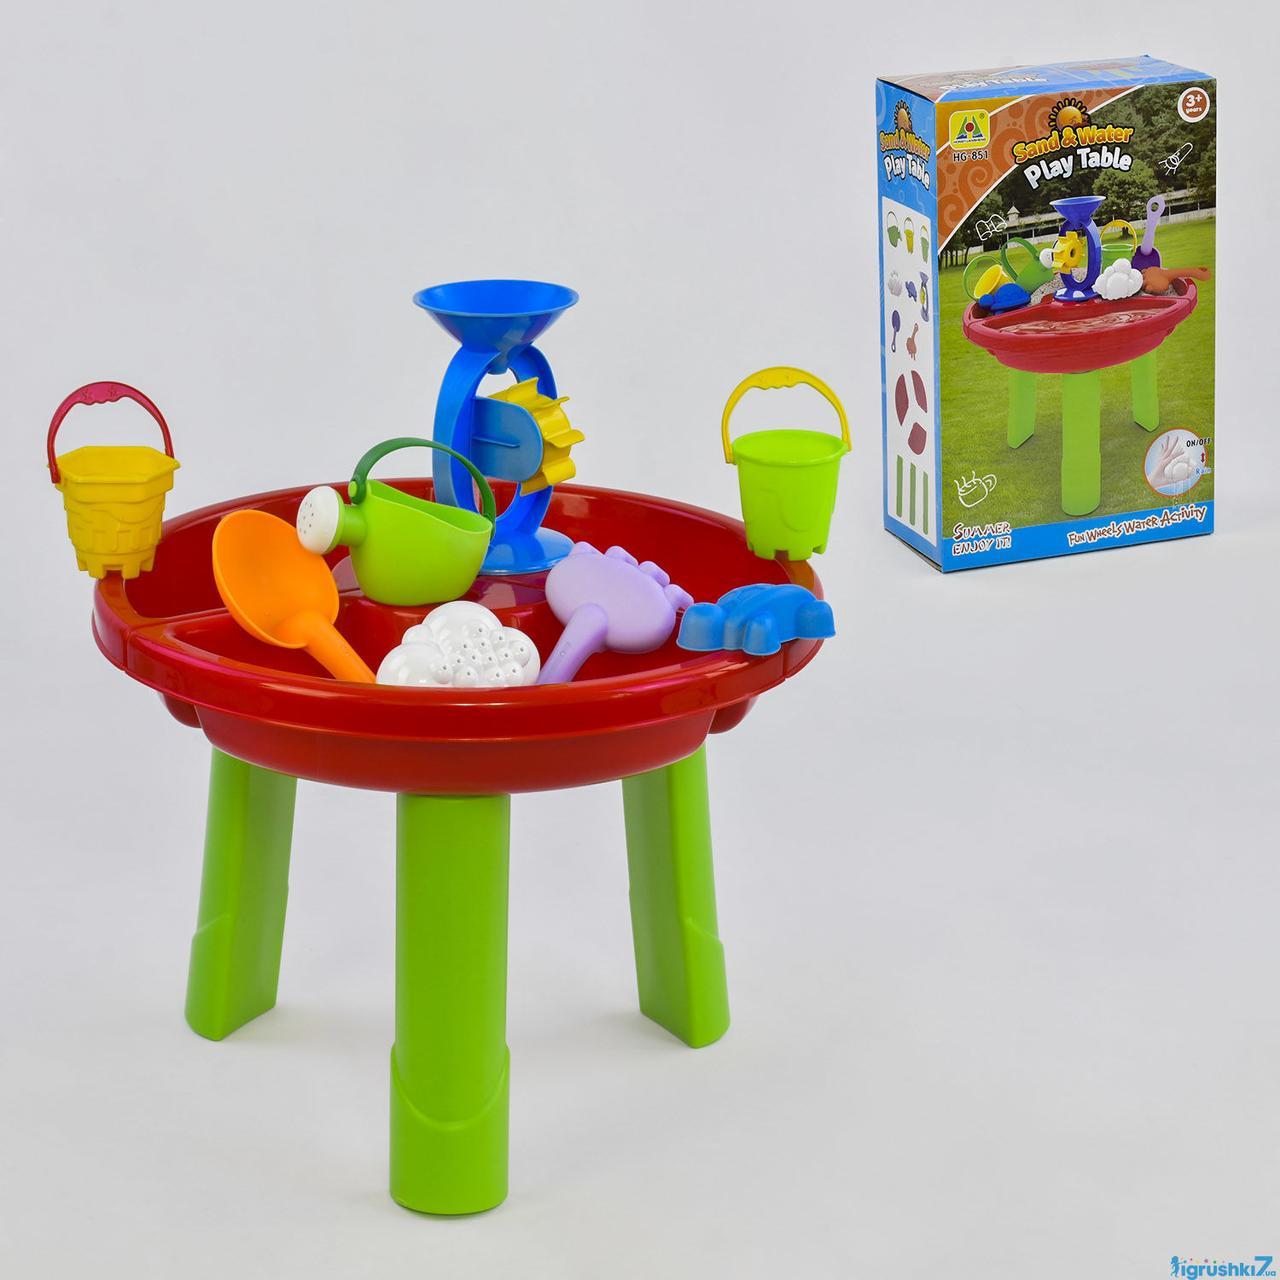 Детский игровой столик для песка и воды HG 851 с аксессуарами